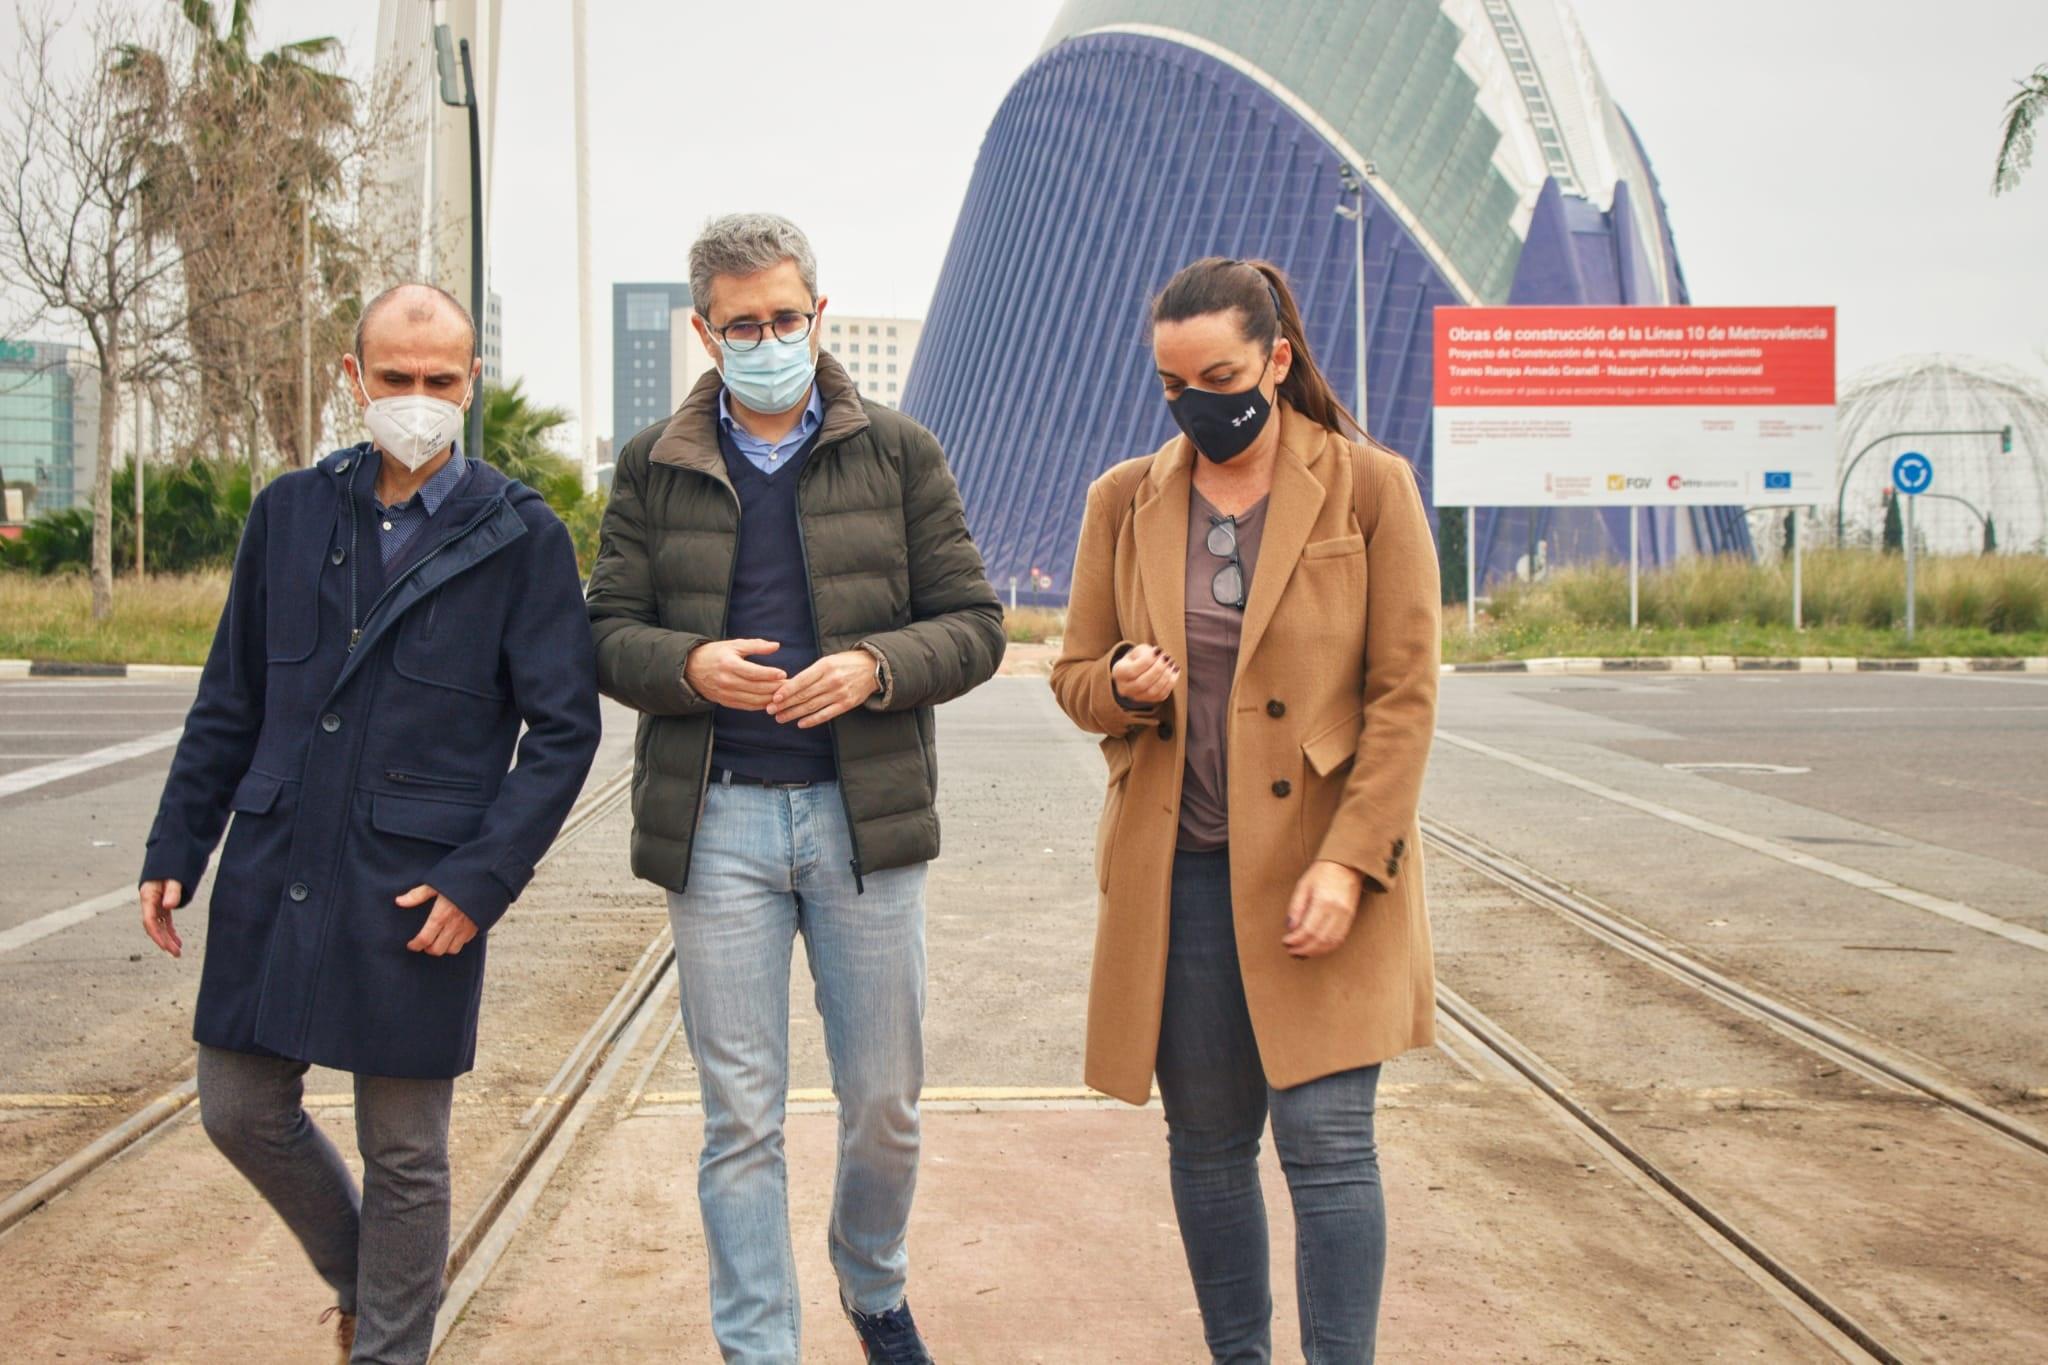 La Generalitat propone ampliar la Línea 10 y crear la nueva Línea 11 para conectar los nuevos trazados a la red tranviaria actual por la fachada m...